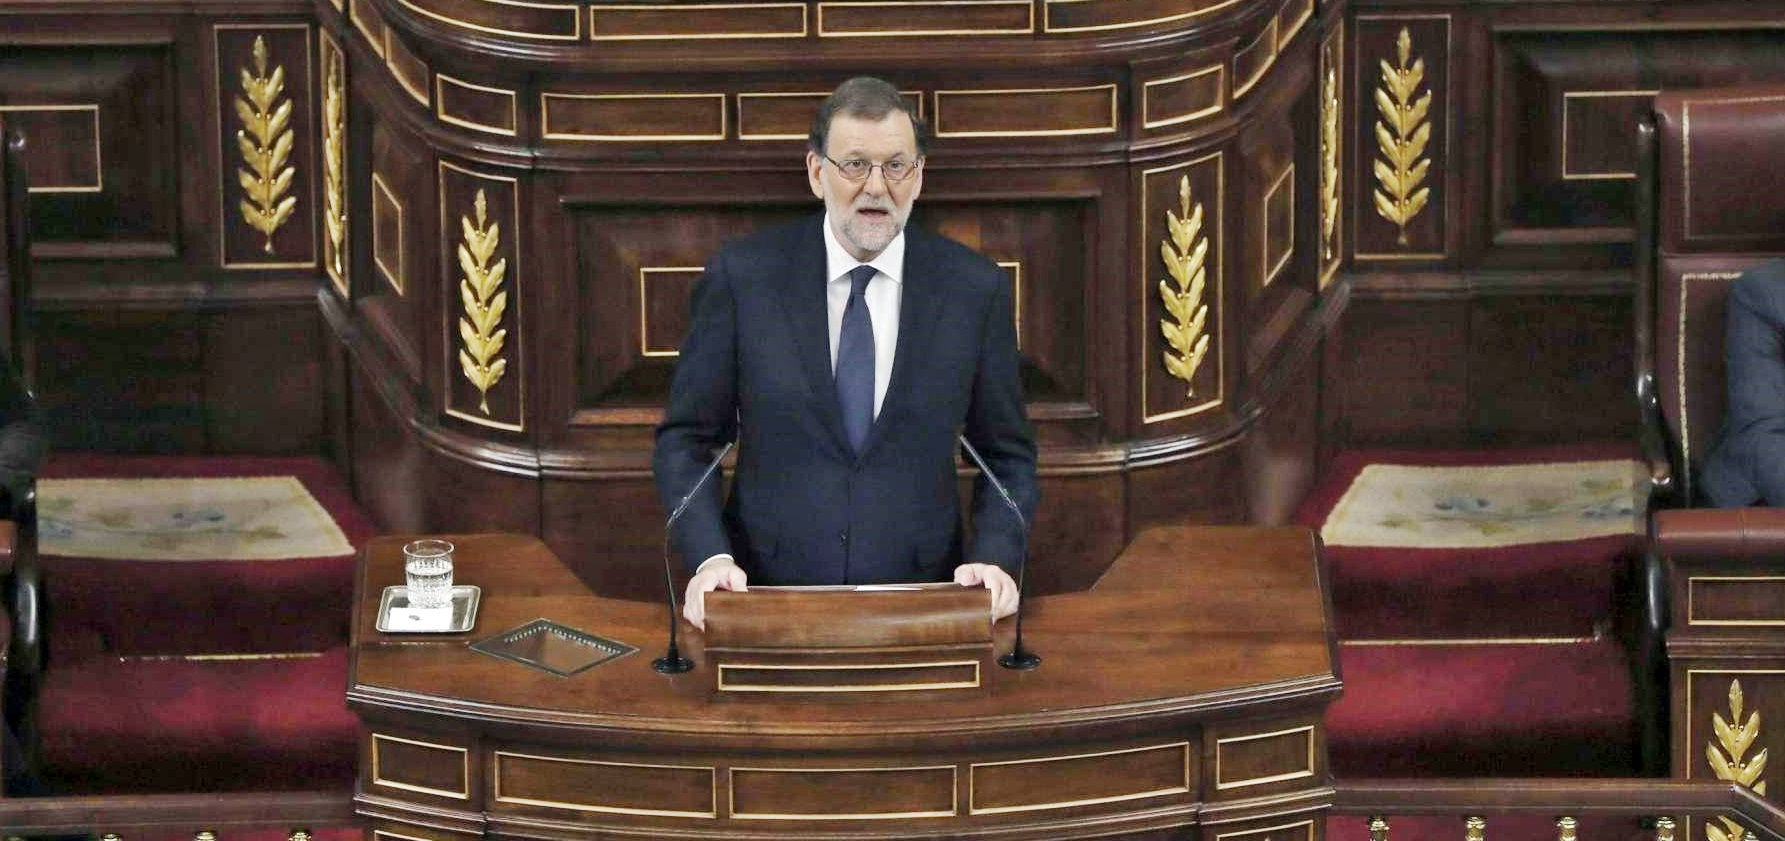 Rajoy all'attacco: lavoriamo per far perdere indipendentisti